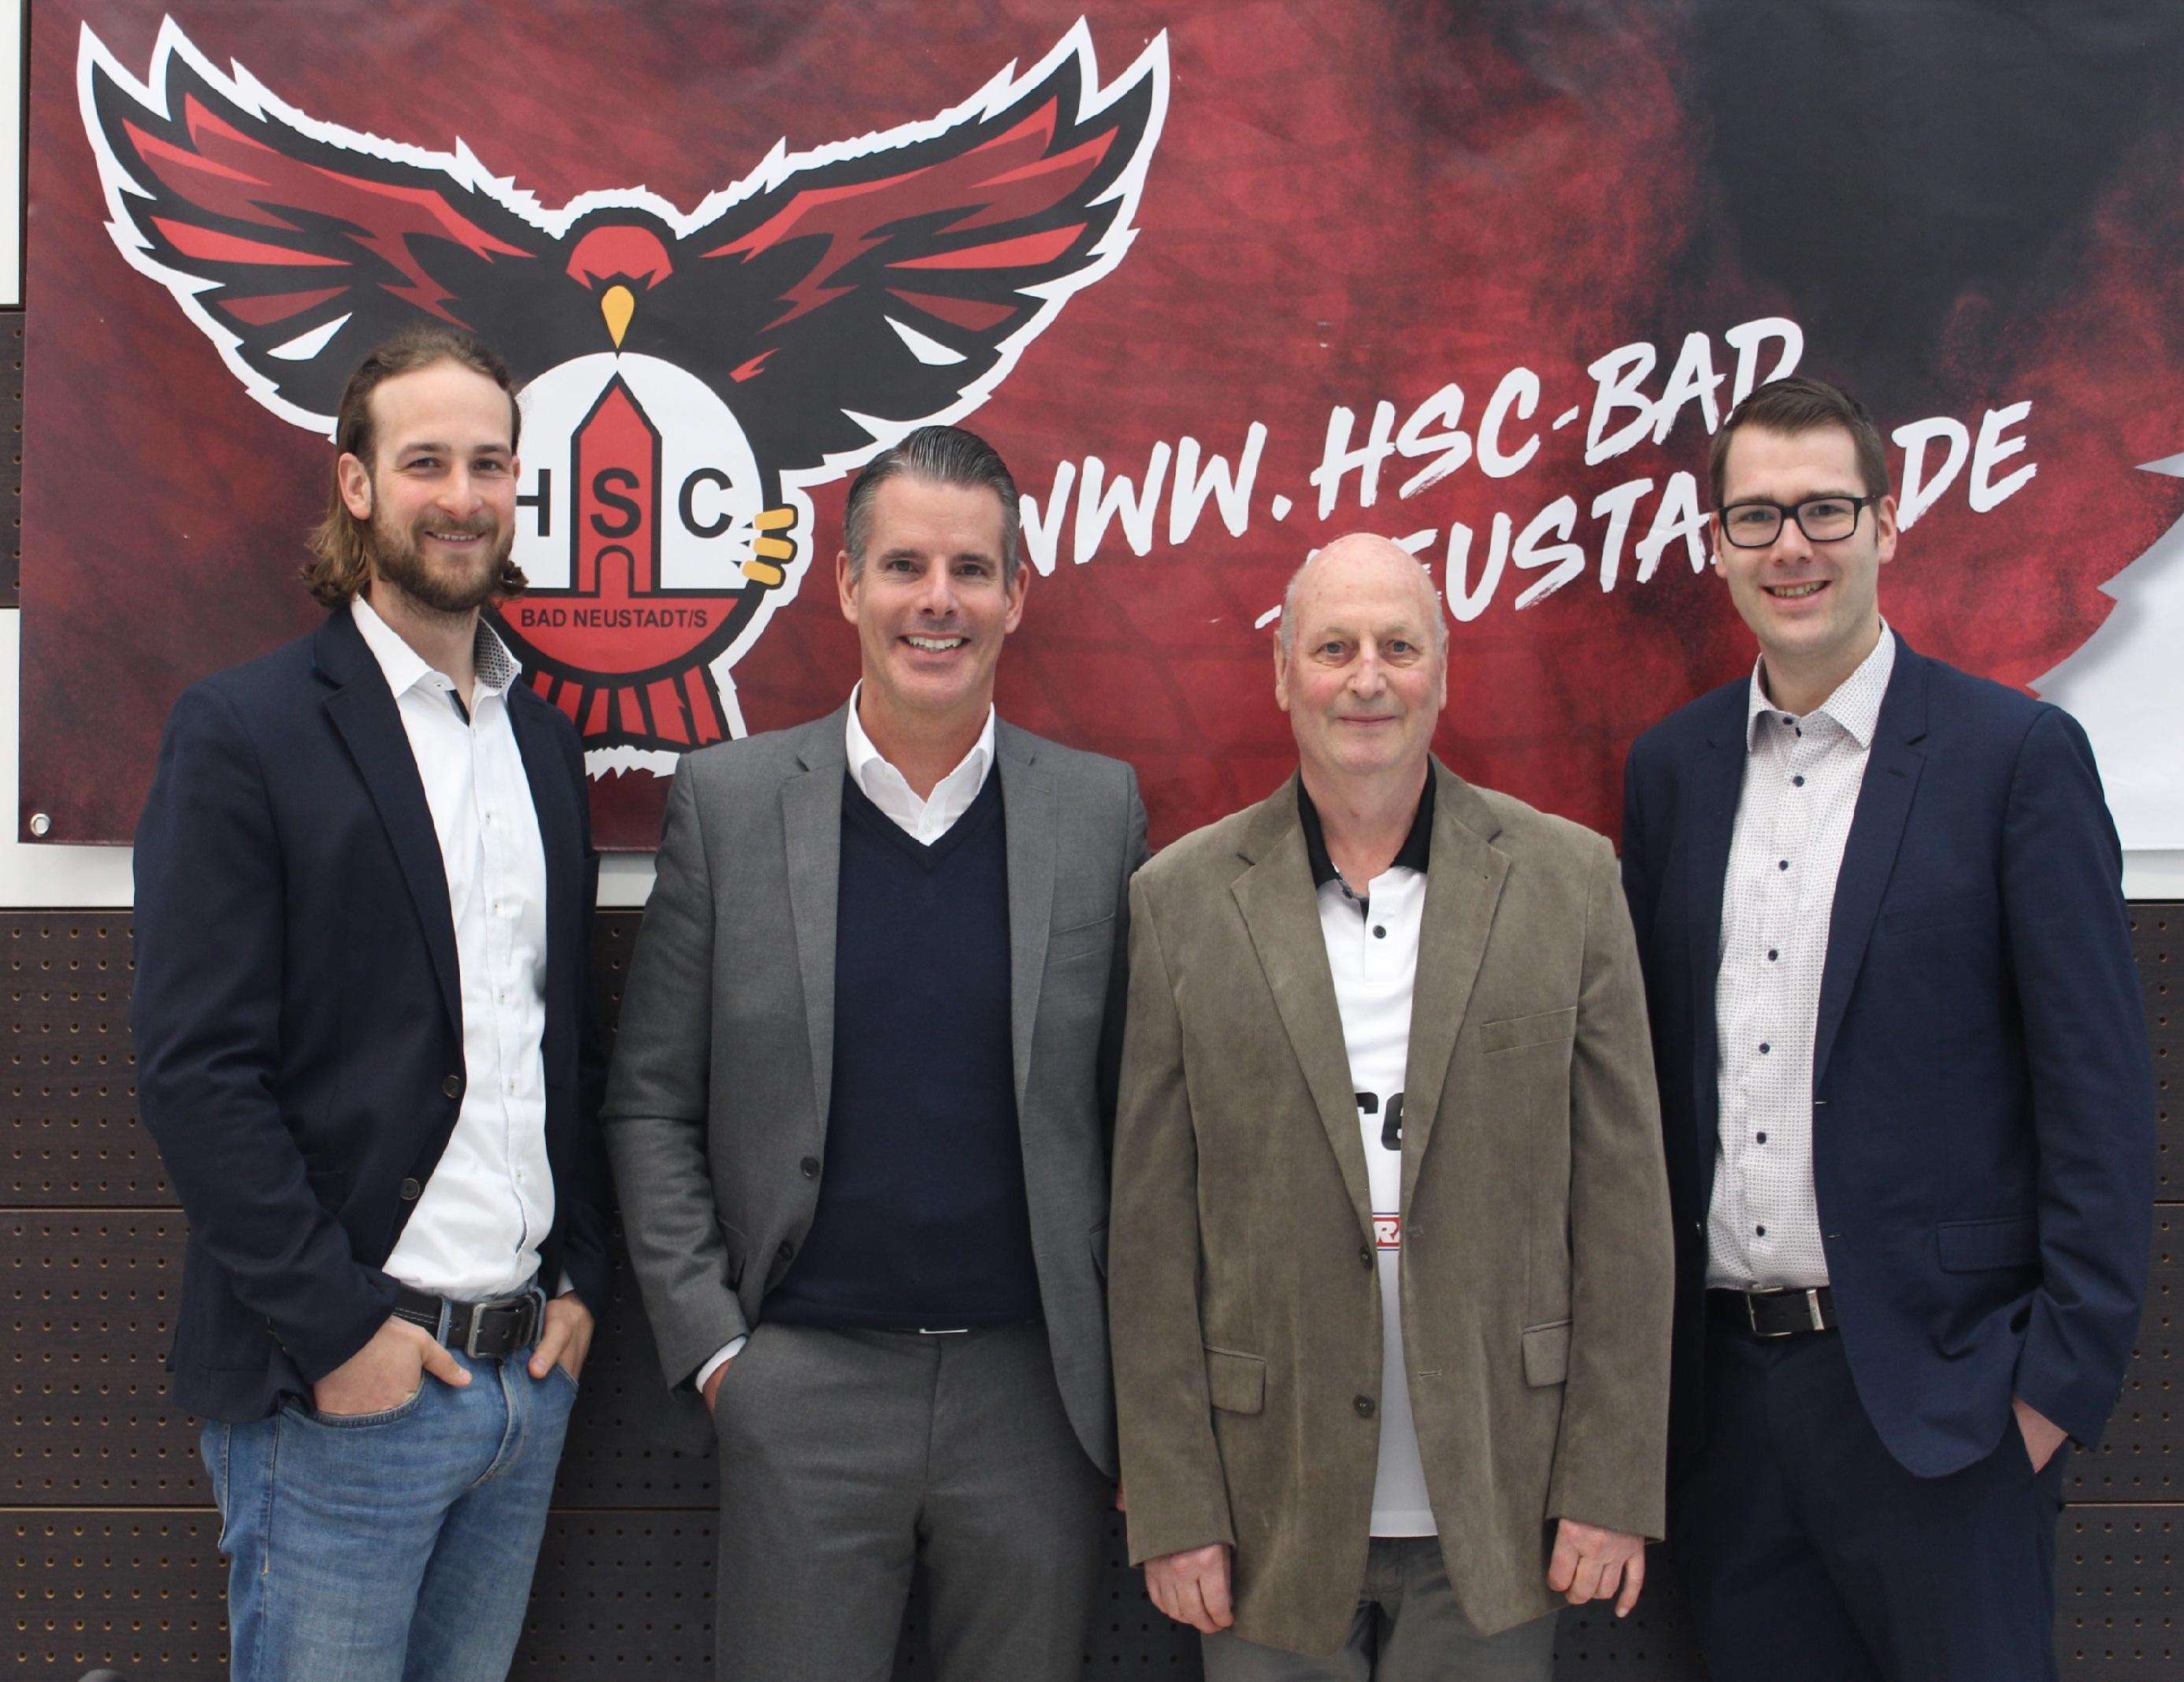 HSC Bad Neustadt stellt Weichen für die Zukunft